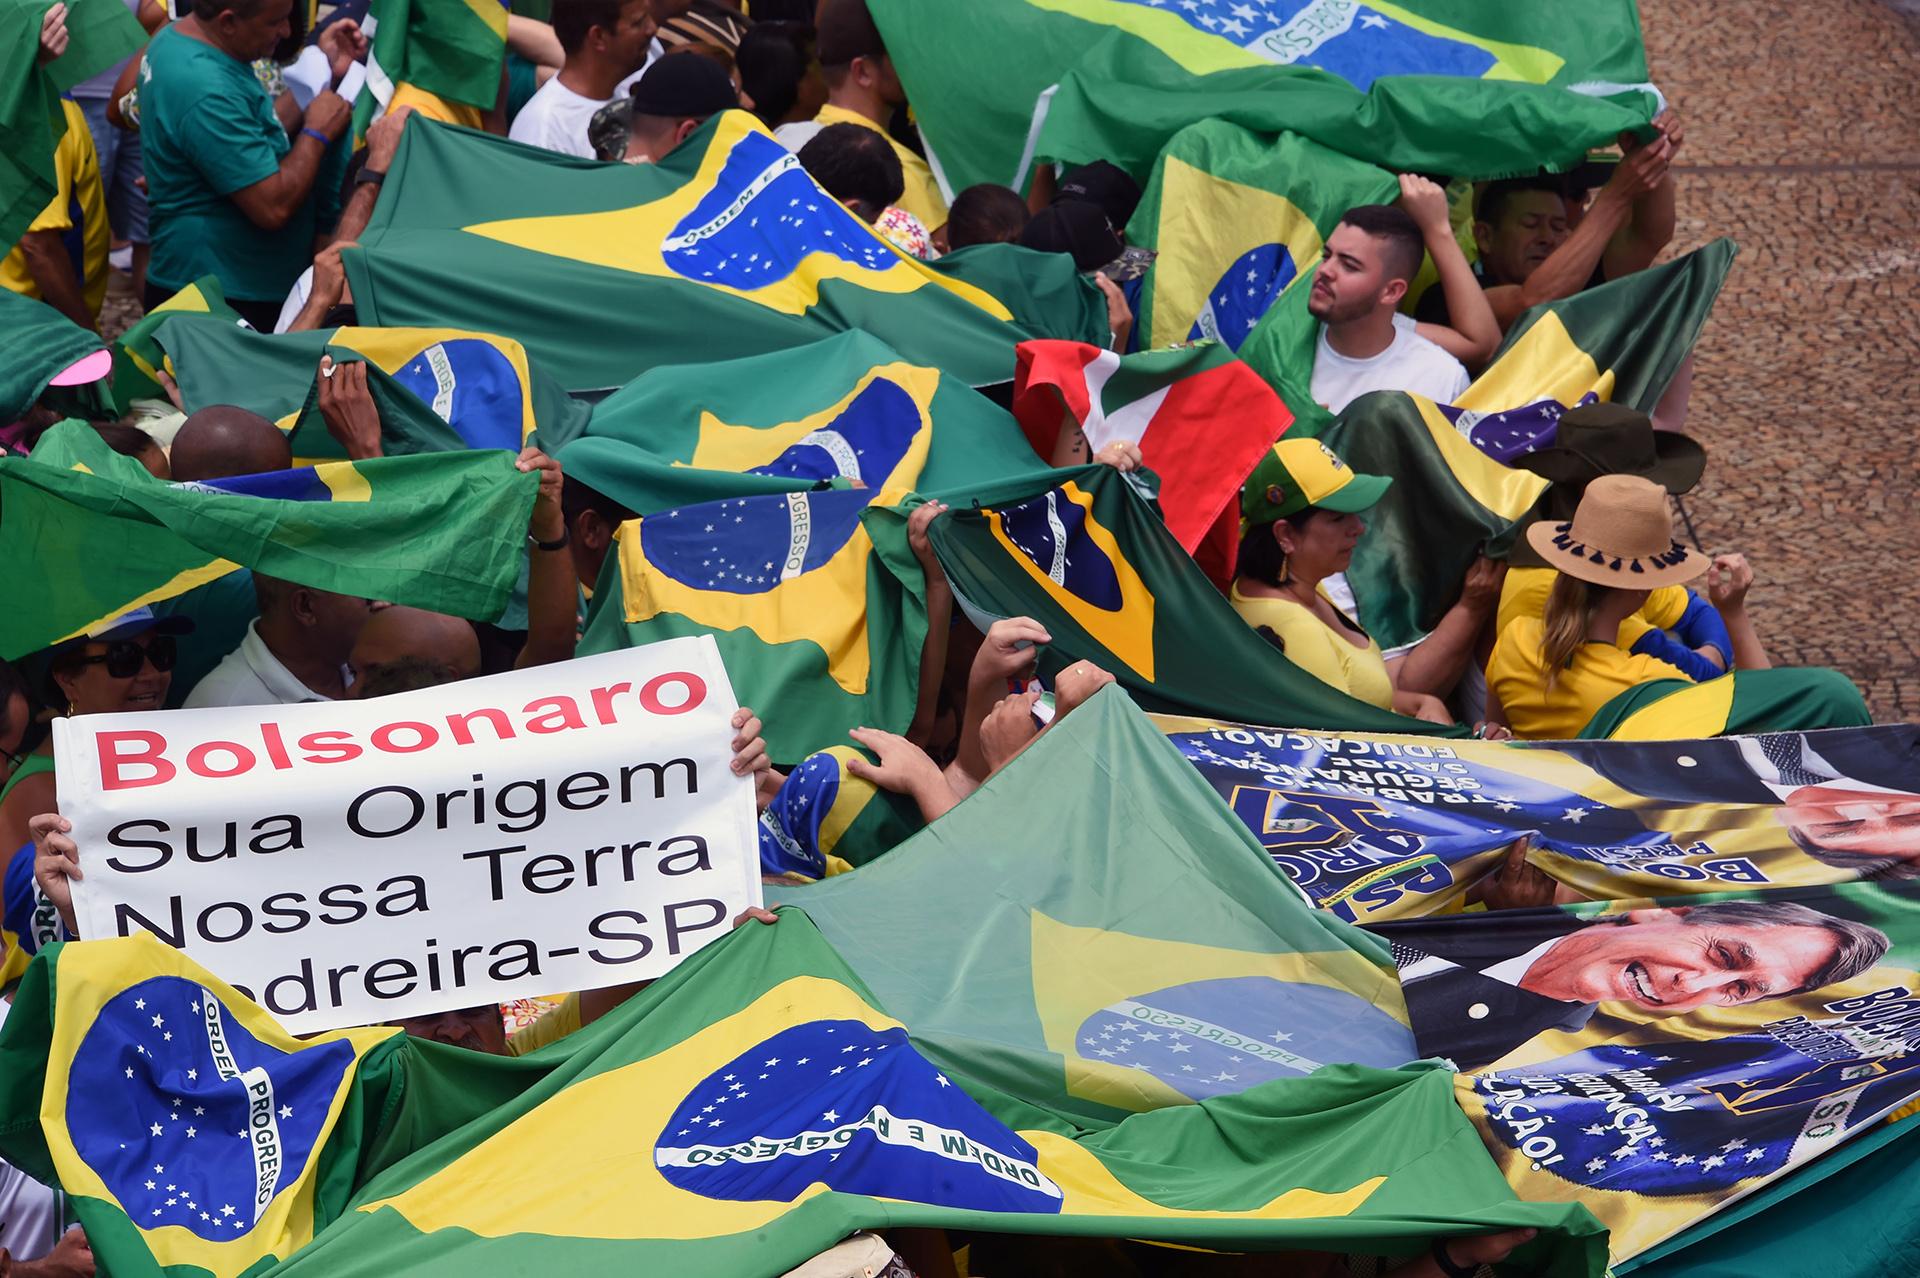 """""""Bolsonaro, su origen, nuestra tierra"""", dice el cartel de un simpatizante (EVARISTO SA / AFP)"""